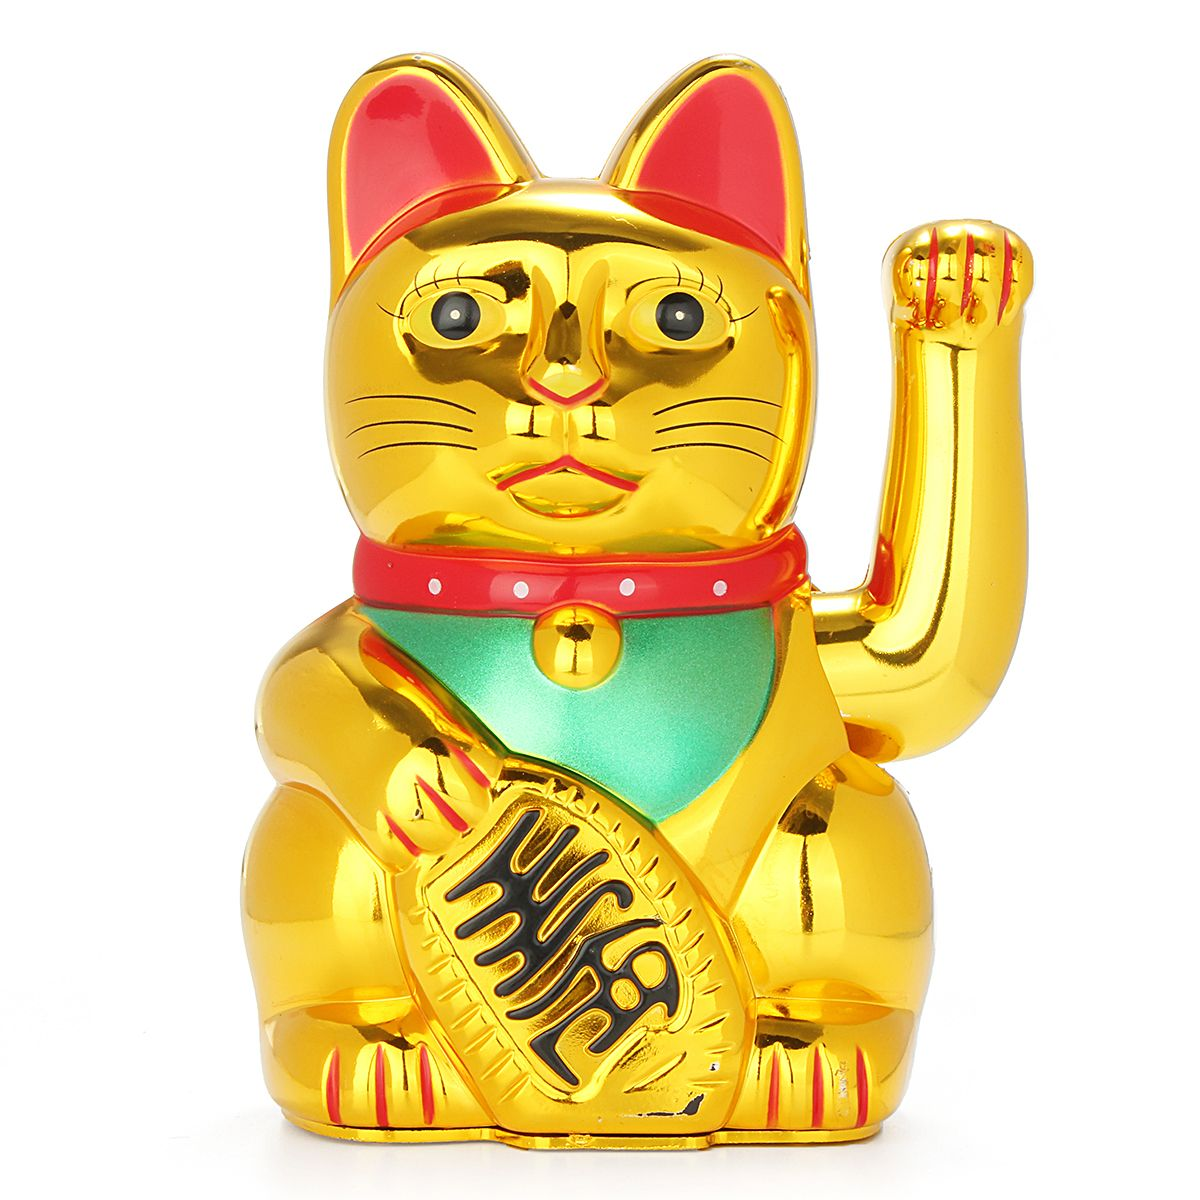 6 Chinese Lucky Waving Hand Maneki Neko Gold Fortune Feng